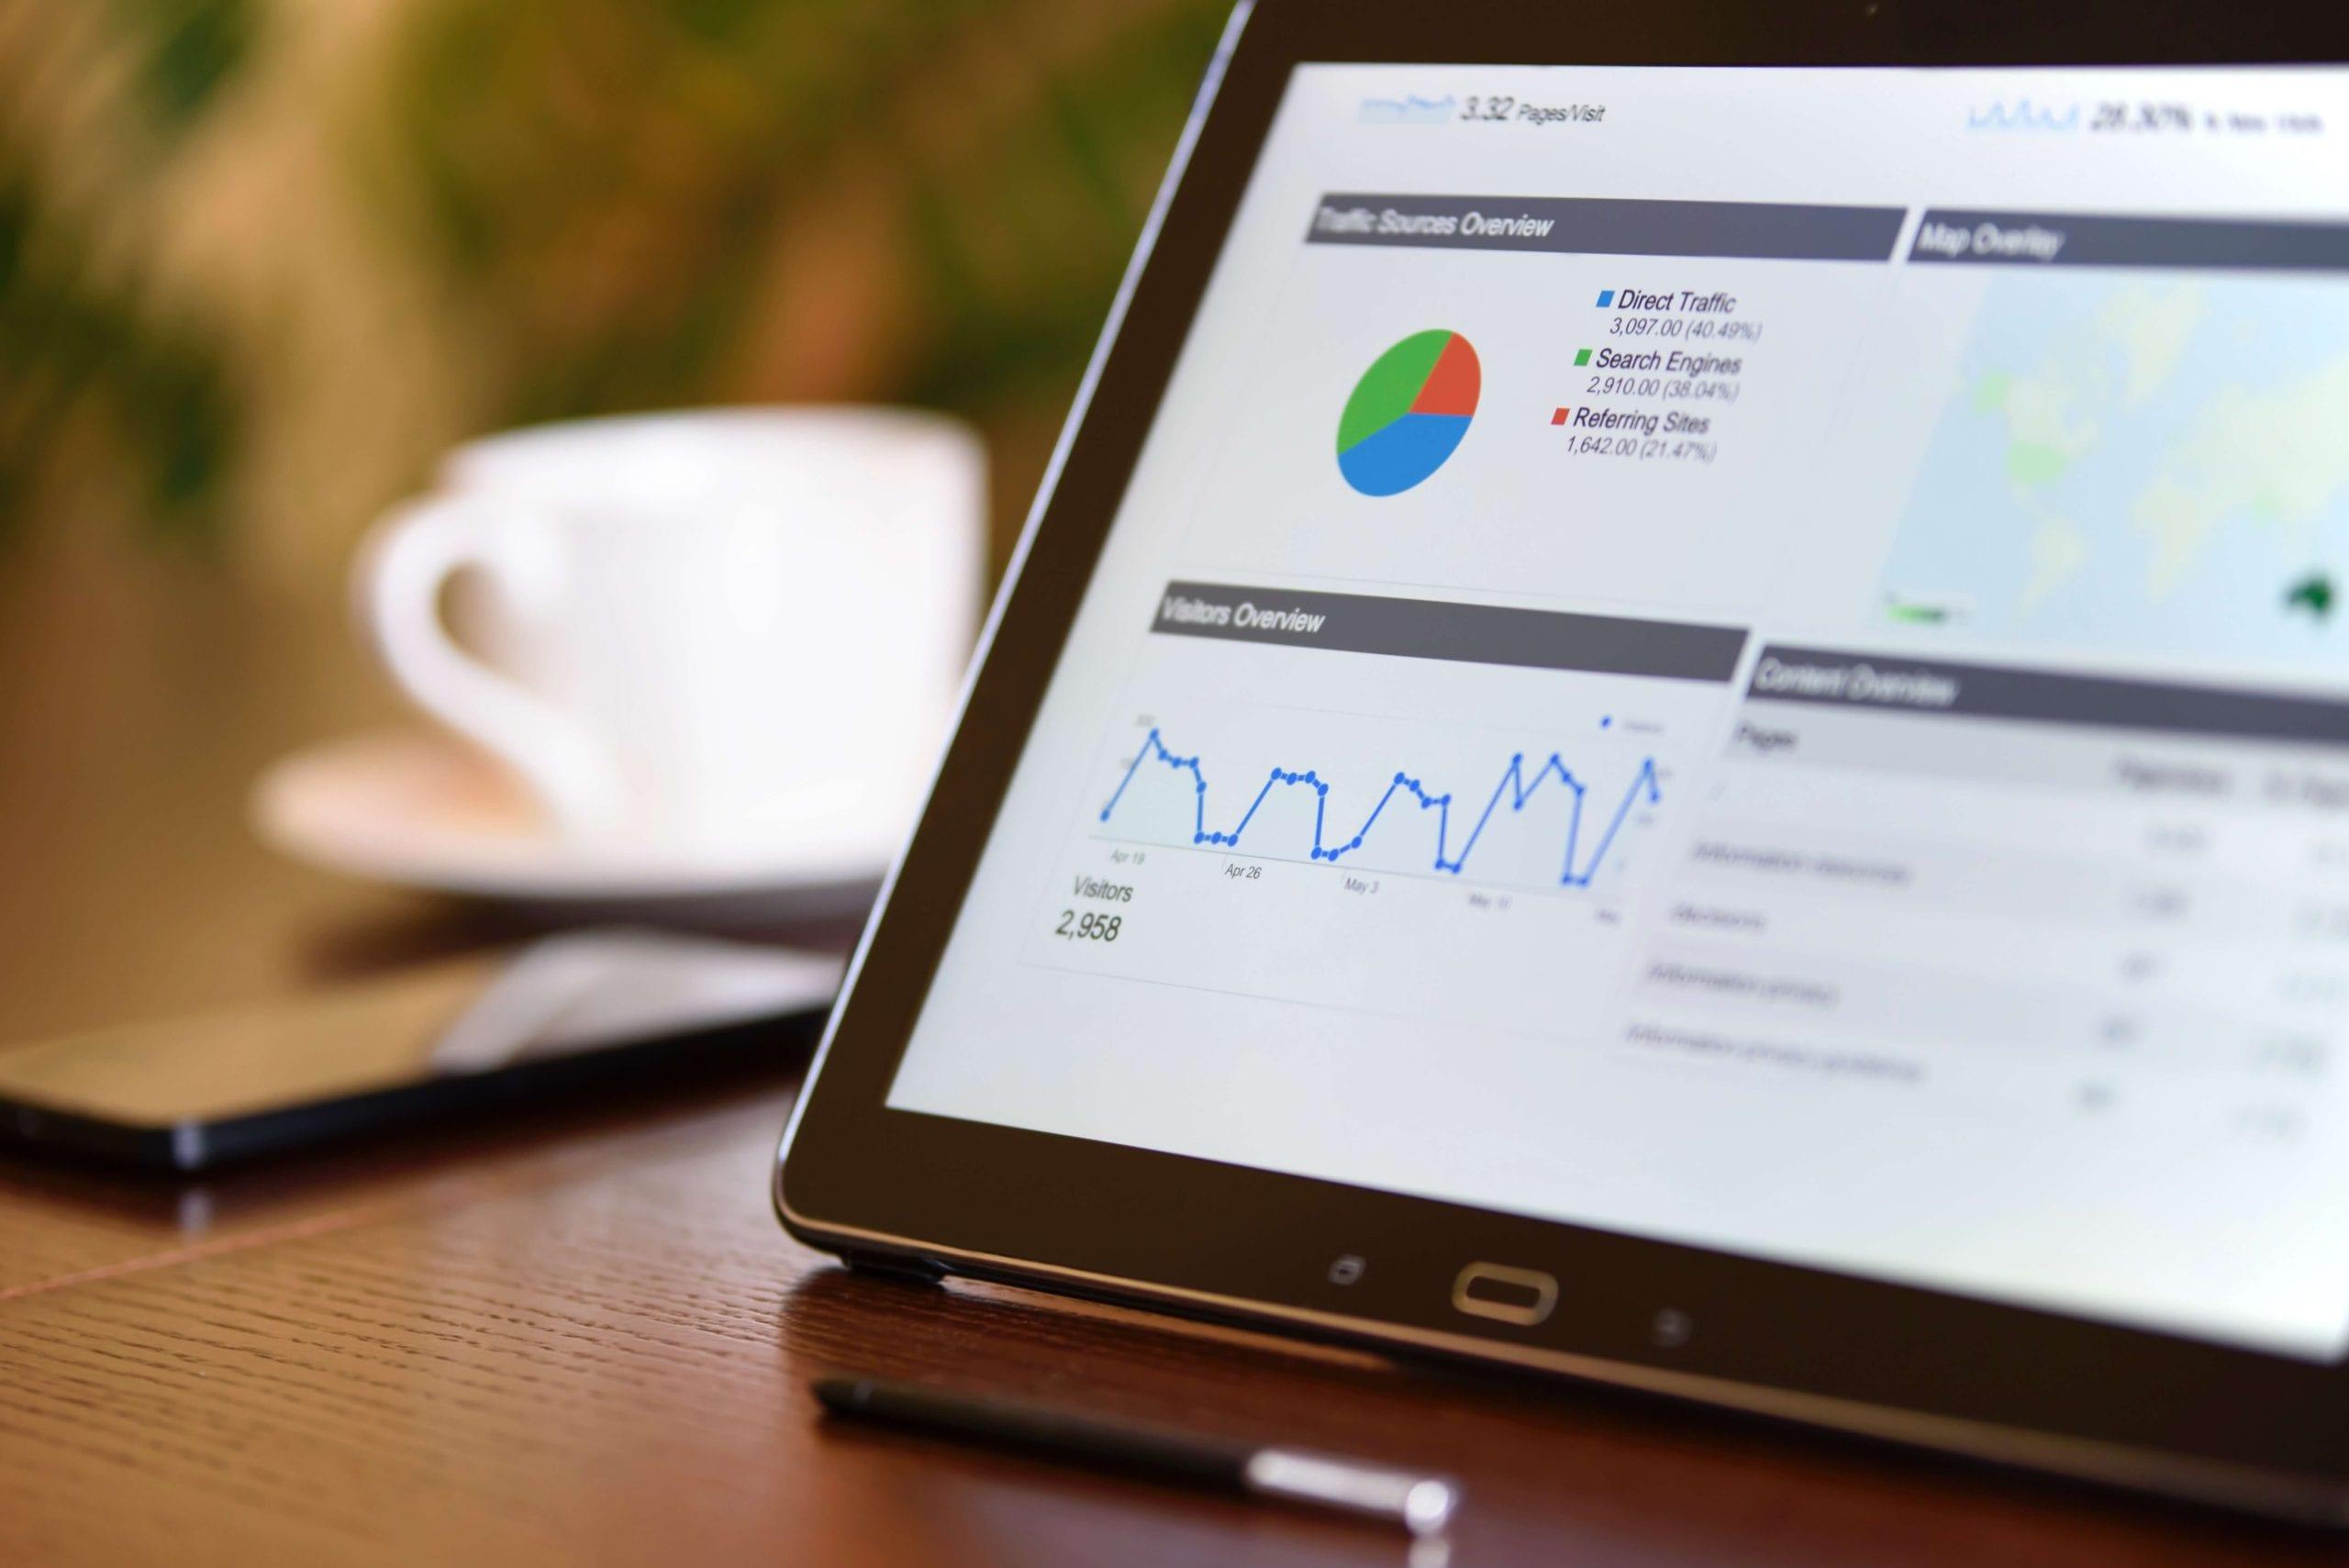 Desenvolvimento de site: dicas para converter visitantes em clientes e melhorar sua taxa de conversão